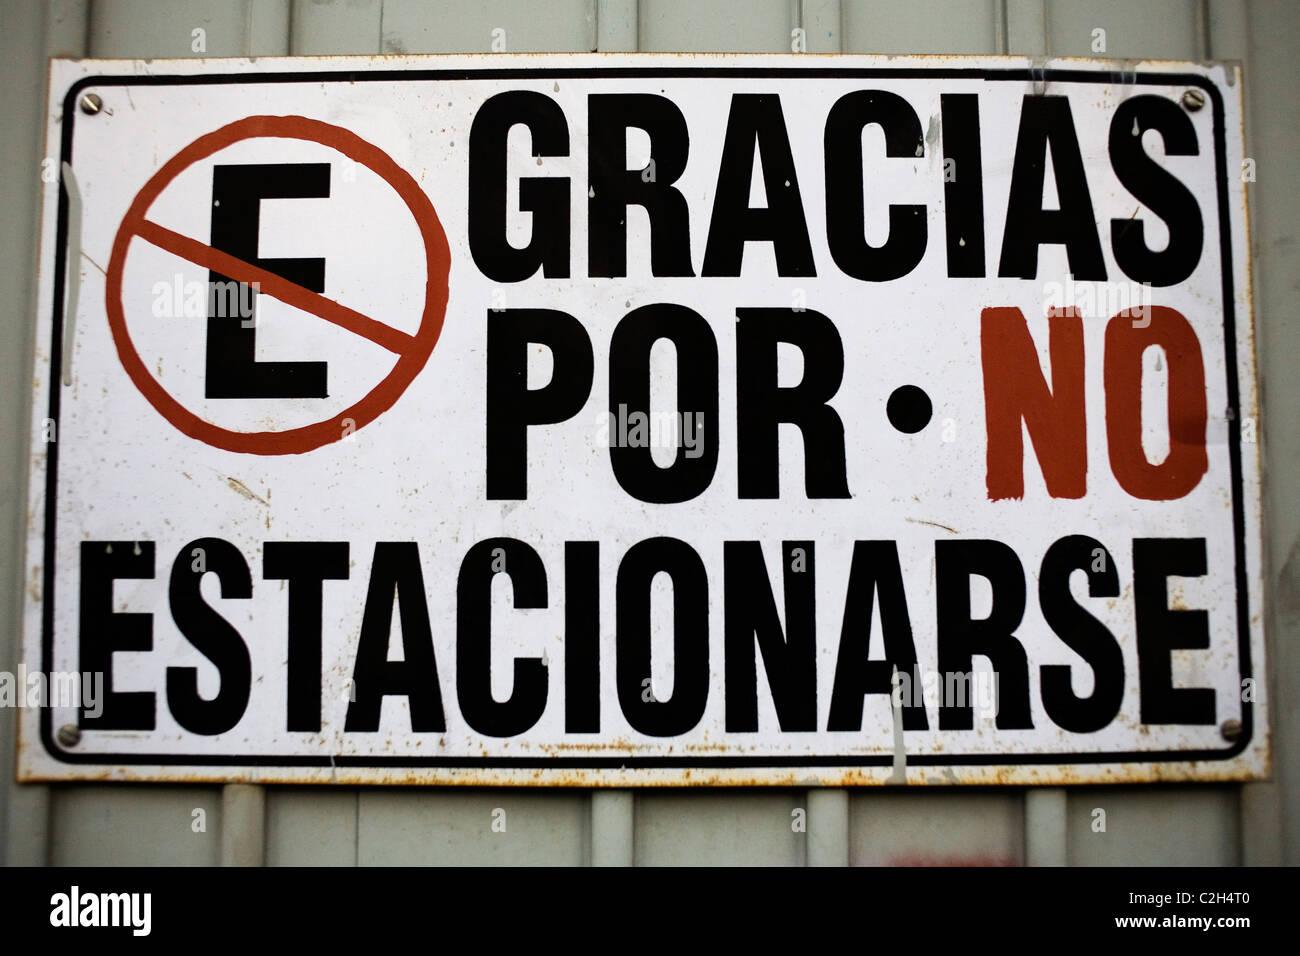 Keine Parkplätze-Spur in der spanischen Sprache. Stockbild